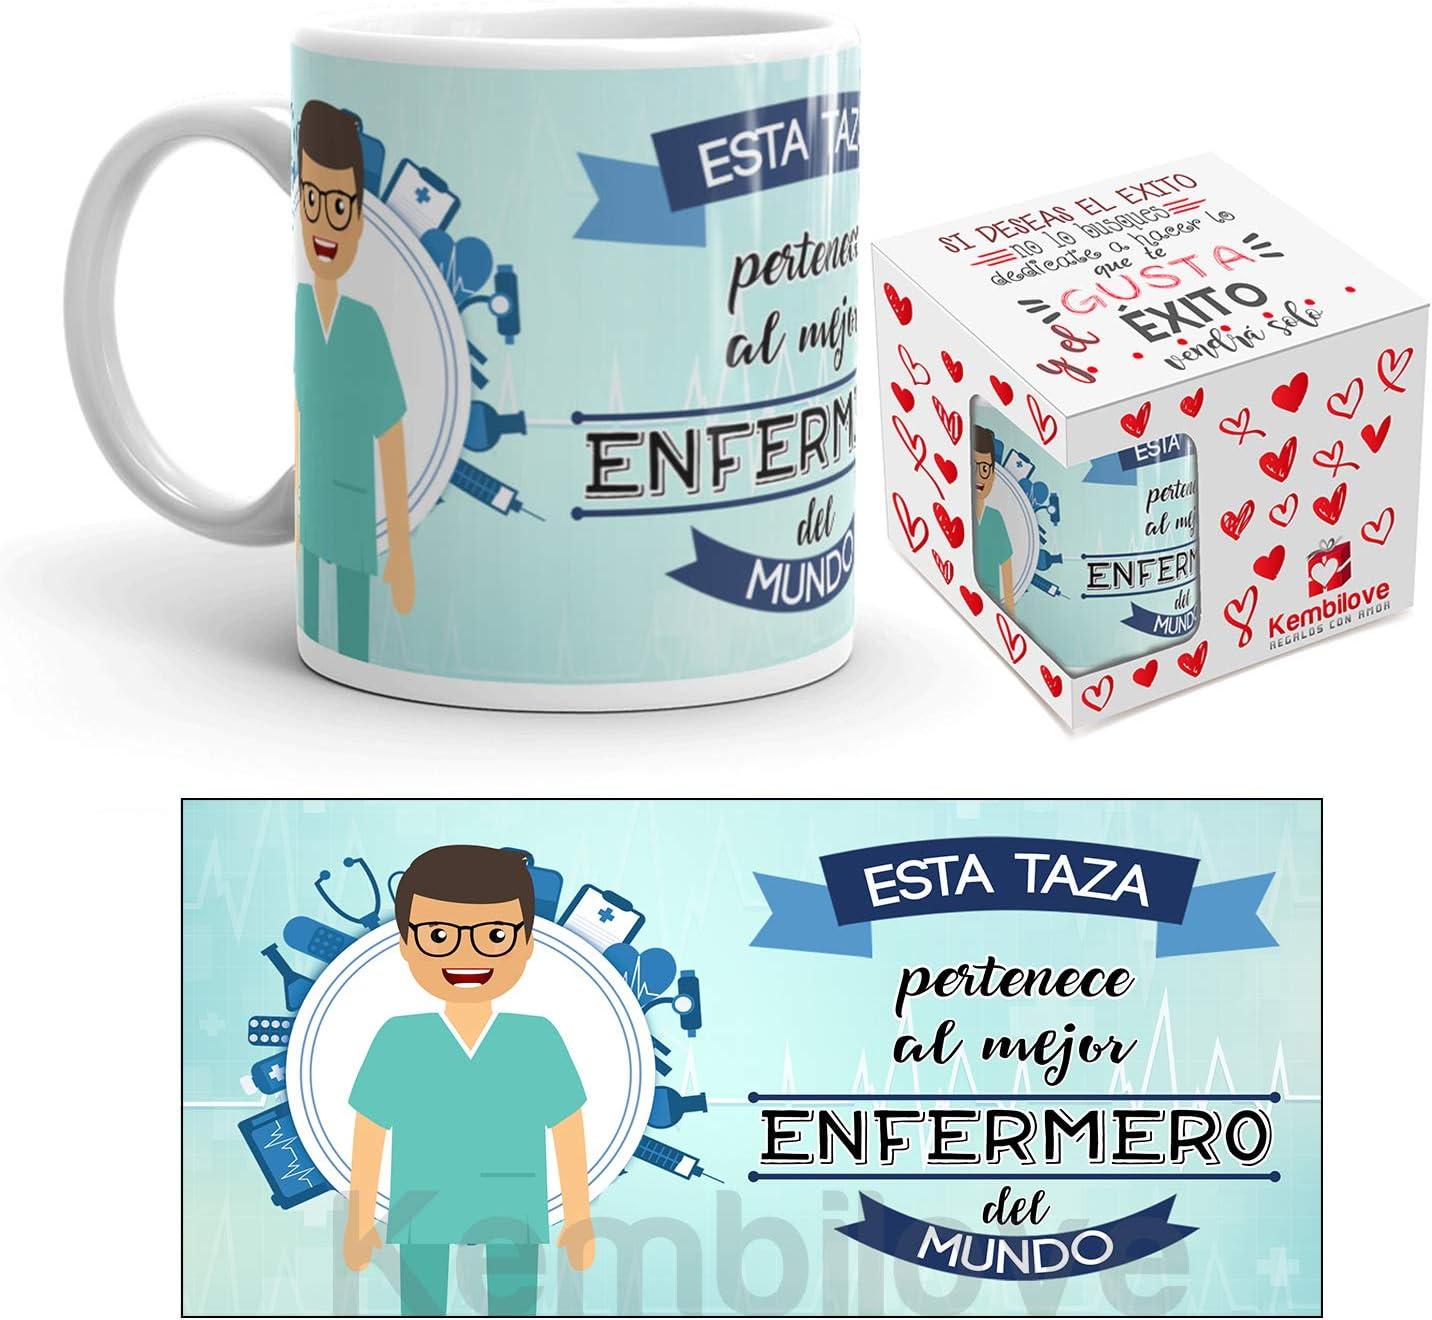 Kembilove Taza de Café del Mejor Enfermero del Mundo – Taza de Desayuno para la Oficina – Taza de Café y Té para Profesionales – Taza de Cerámica Impresa – Tazas de Jefe de 350 ml para Enfermeros